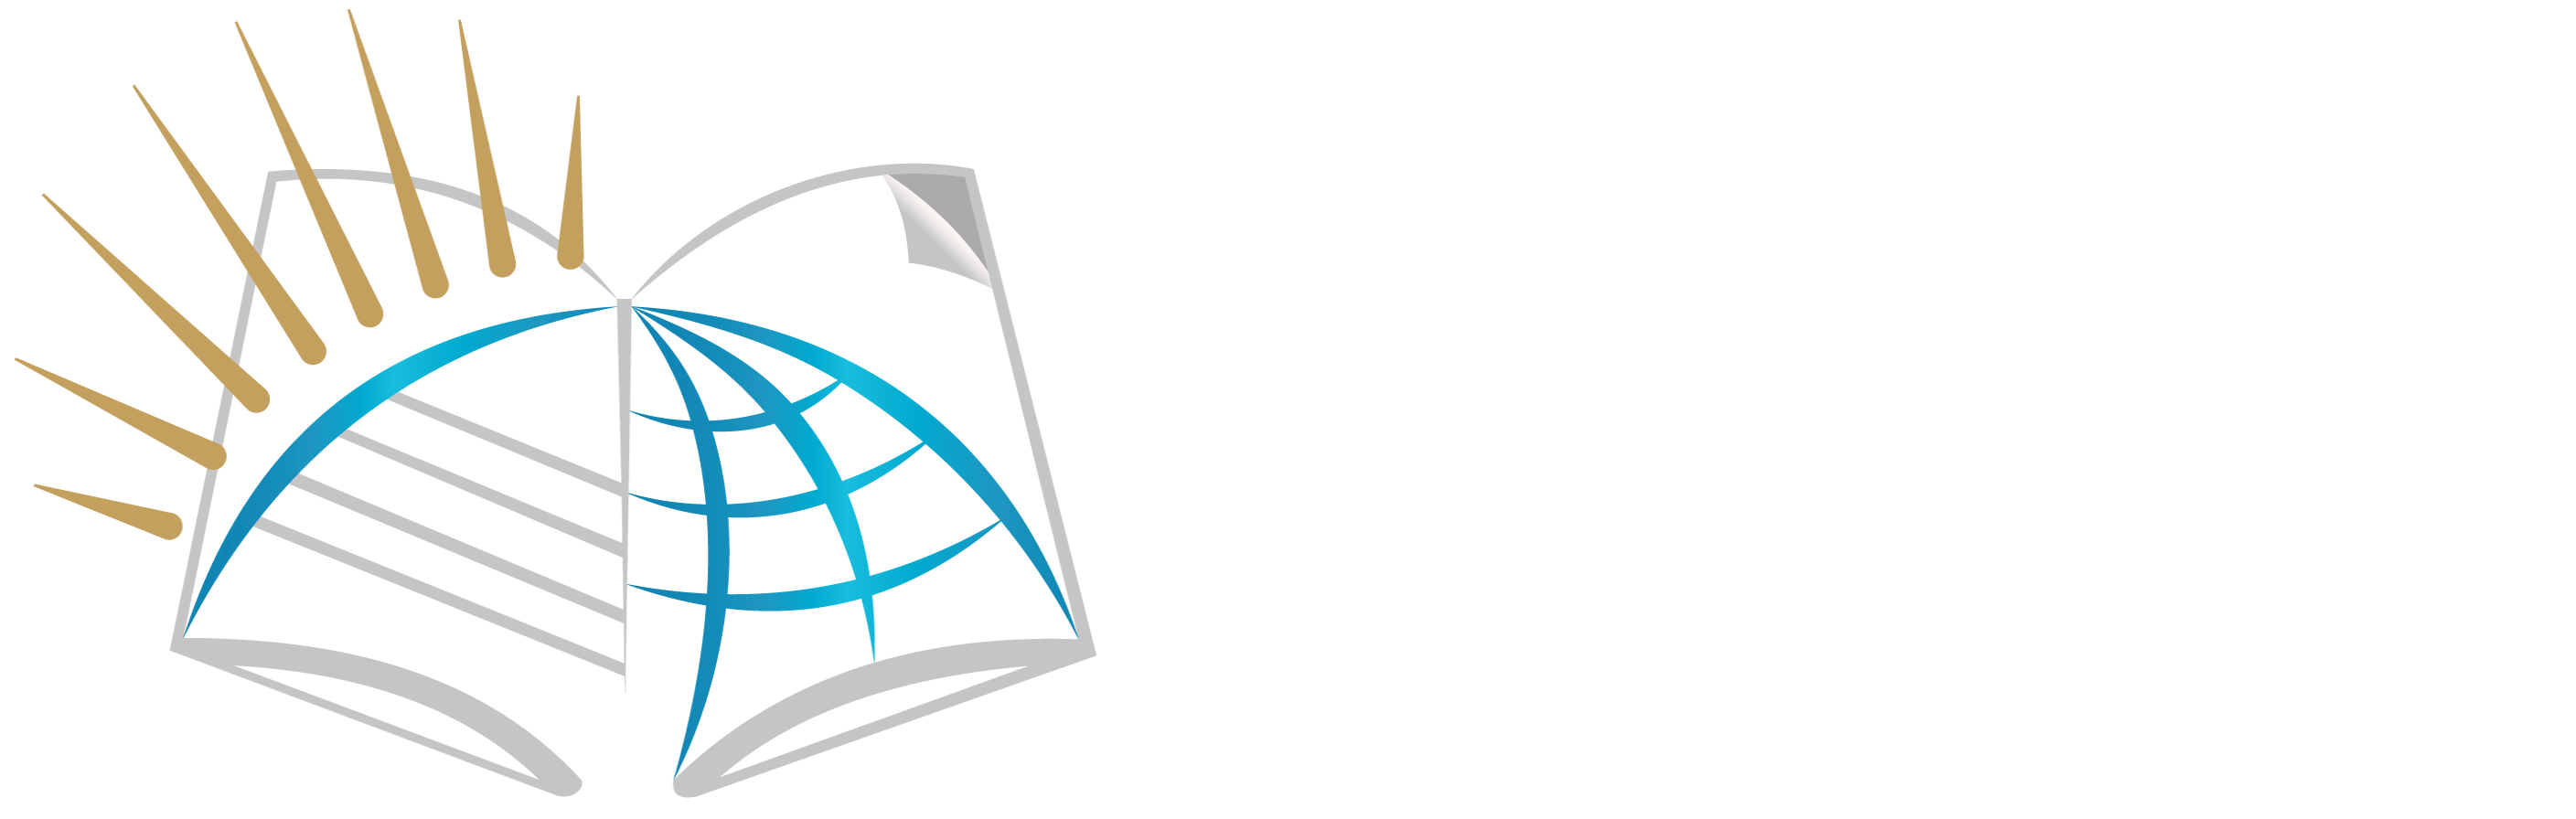 feqhweb-logo2.png